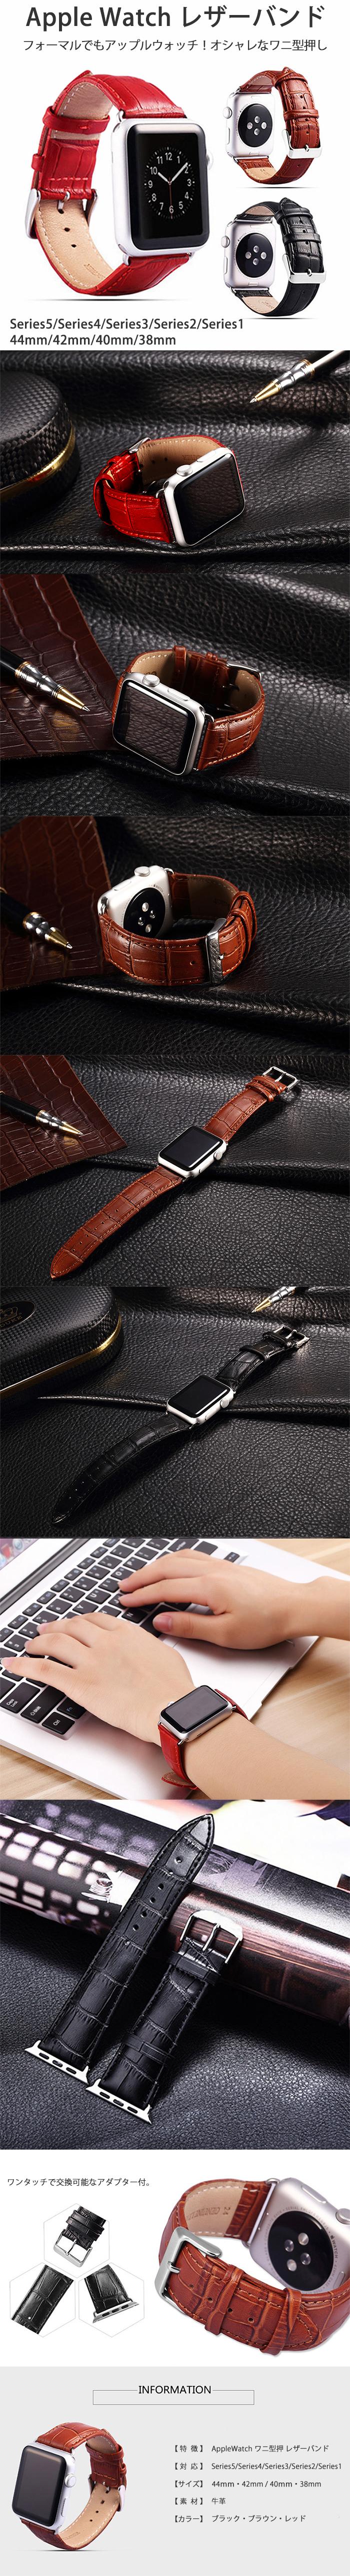 Apple Watch バンド レザー ベルト 42mm 38mm 本革 レザーバンド SERIES1 SERIES2 ワニ型押し レザーベルト 本革バンド 本革ベルト アップルウォッチ applewatch 送料無料